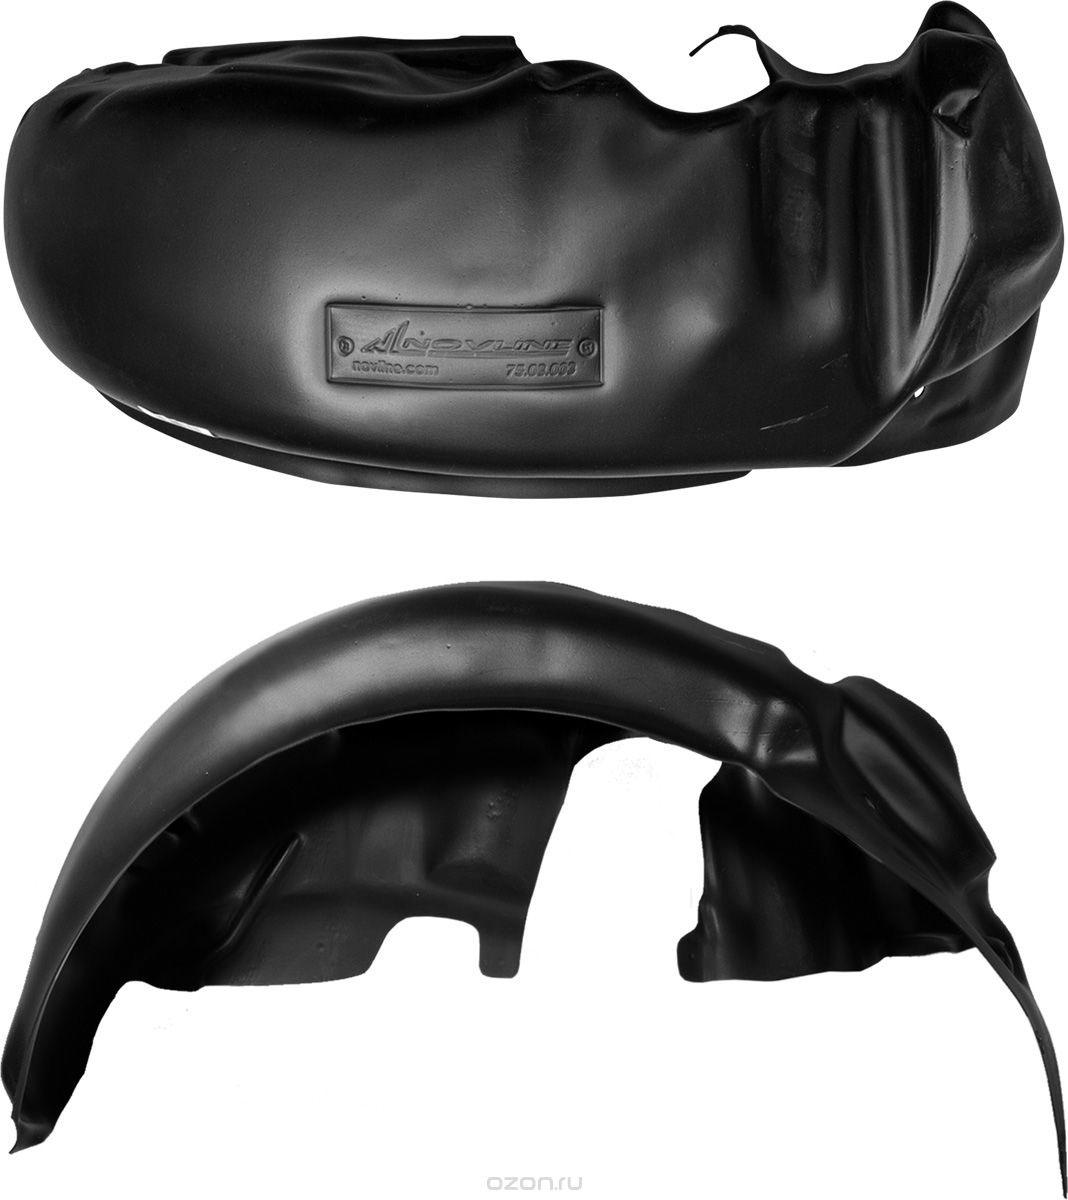 Подкрылок Novline-Autofamily, для Ford Focus III, 04/2011-2015, 2015->, седан, хэтчбек, задний левыйNLL.16.32.003Идеальная защита колесной ниши. Локеры разработаны с применением цифровых технологий, гарантируют максимальную повторяемость поверхности арки. Изделия устанавливаются без нарушения лакокрасочного покрытия автомобиля, каждый подкрылок комплектуется крепежом. Уважаемые клиенты, обращаем ваше внимание, что фотографии на подкрылки универсальные и не отражают реальную форму изделия. При этом само изделие идет точно под размер указанного автомобиля.